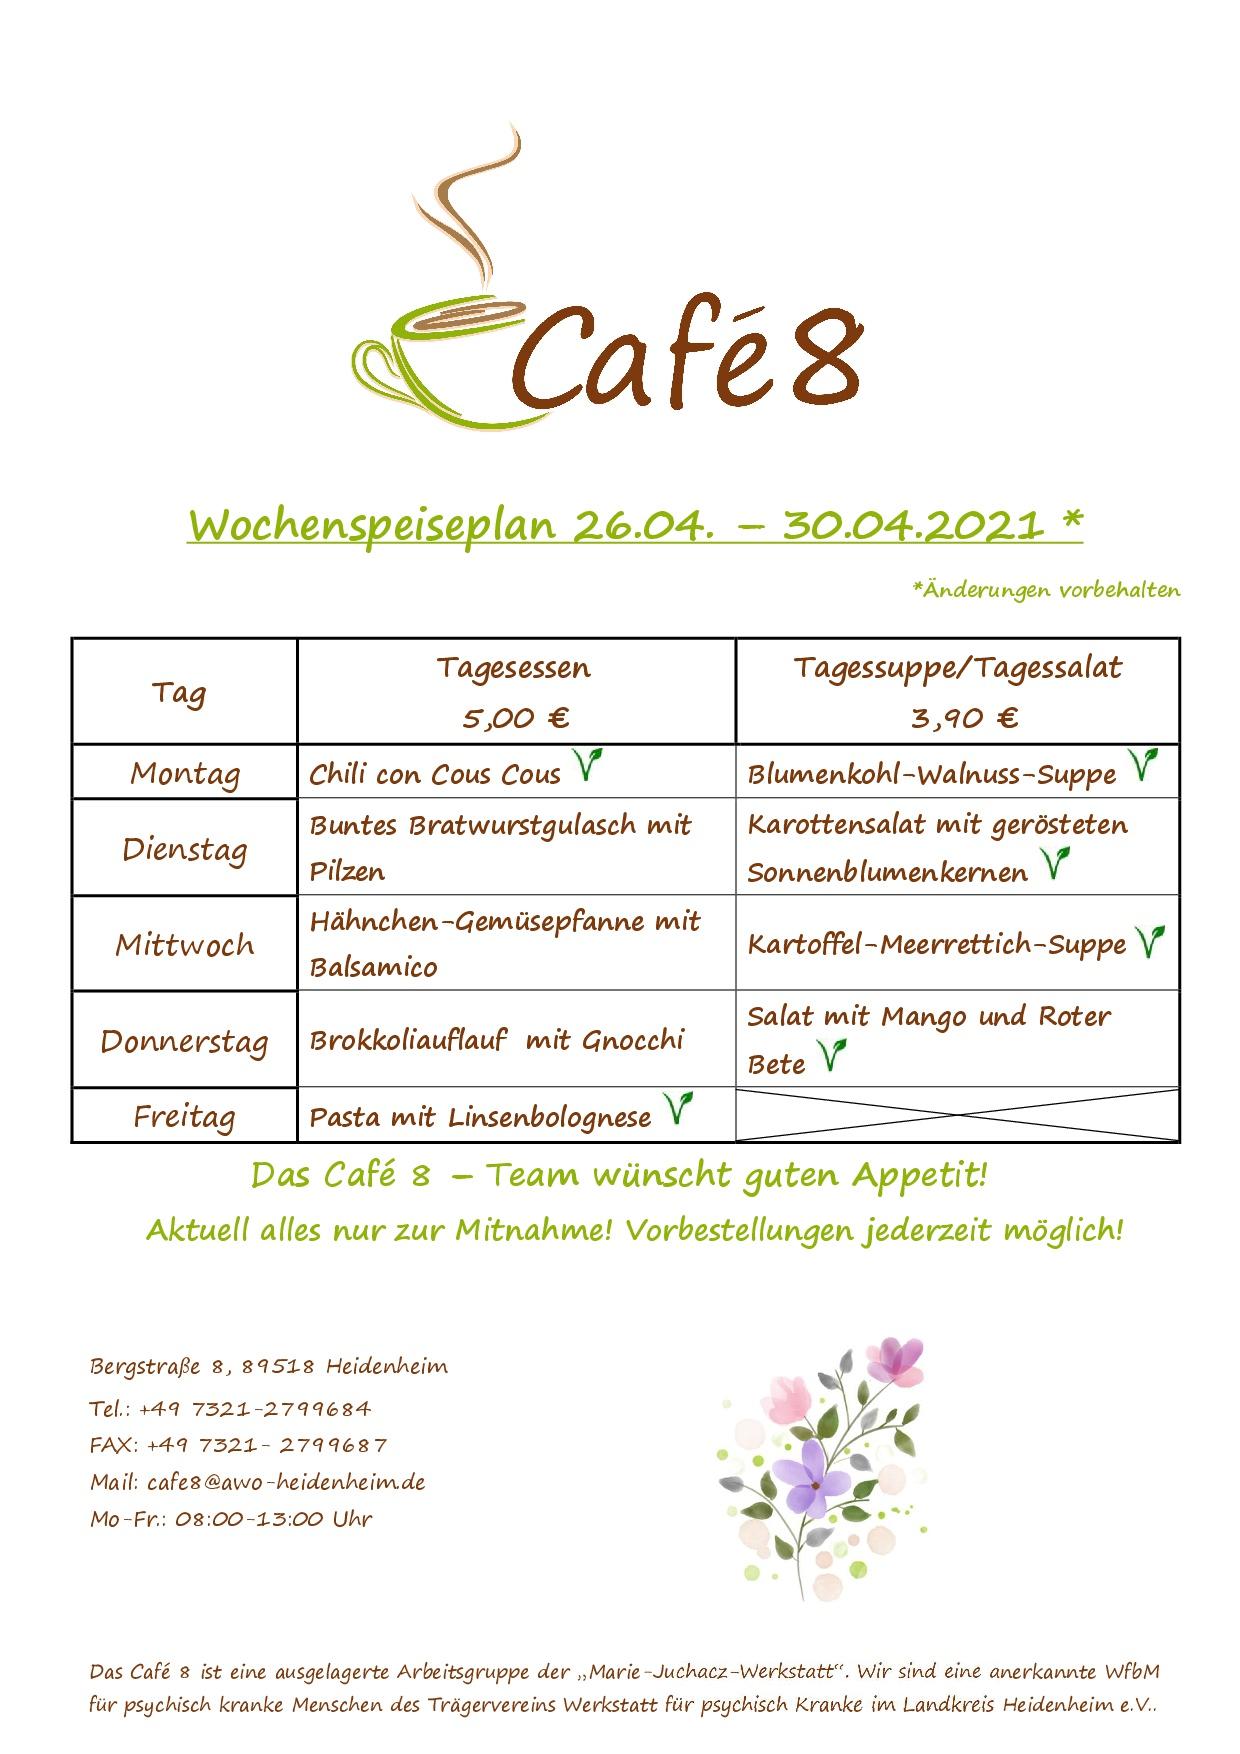 Cafe8_Wochenspeiseplan_KW17_2021